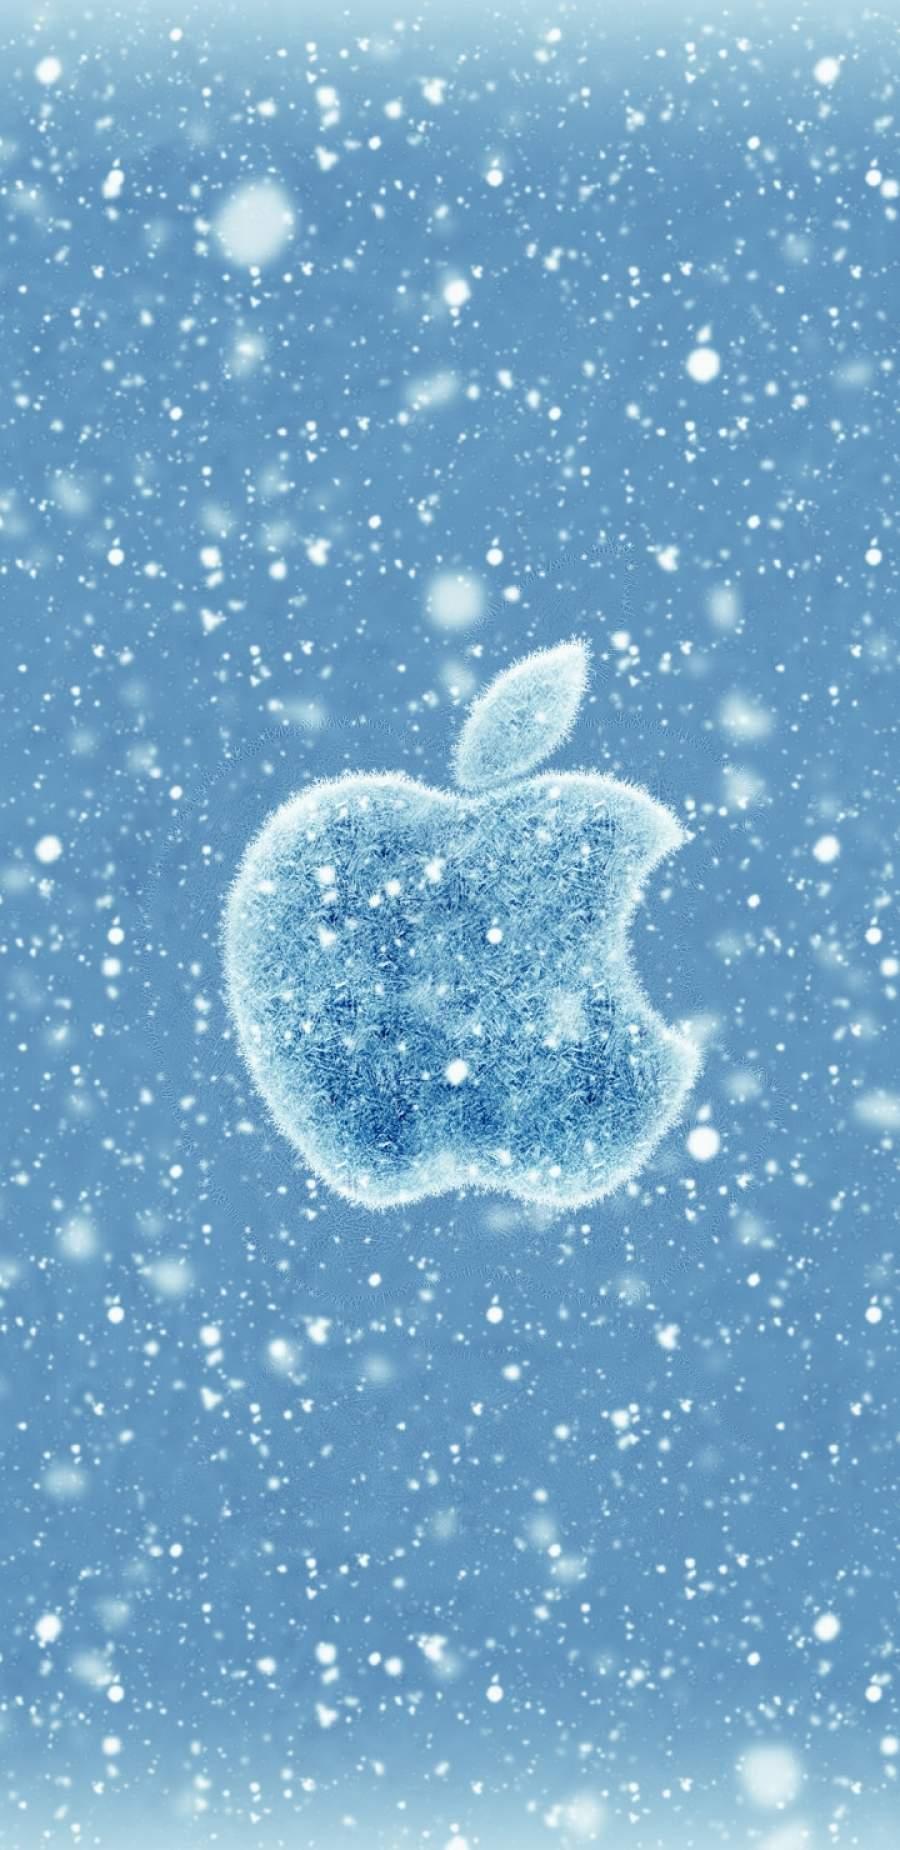 Apple Winter iPhone Wallpaper